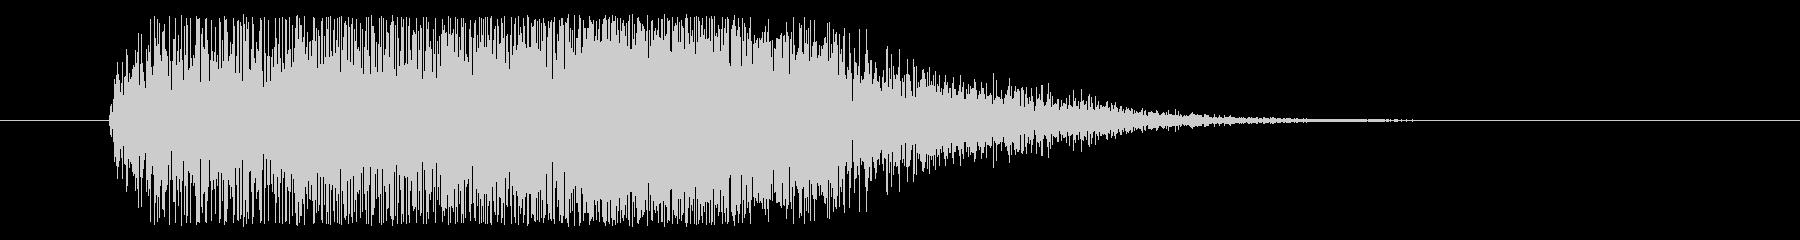 変形SEグニュゥゥンの未再生の波形